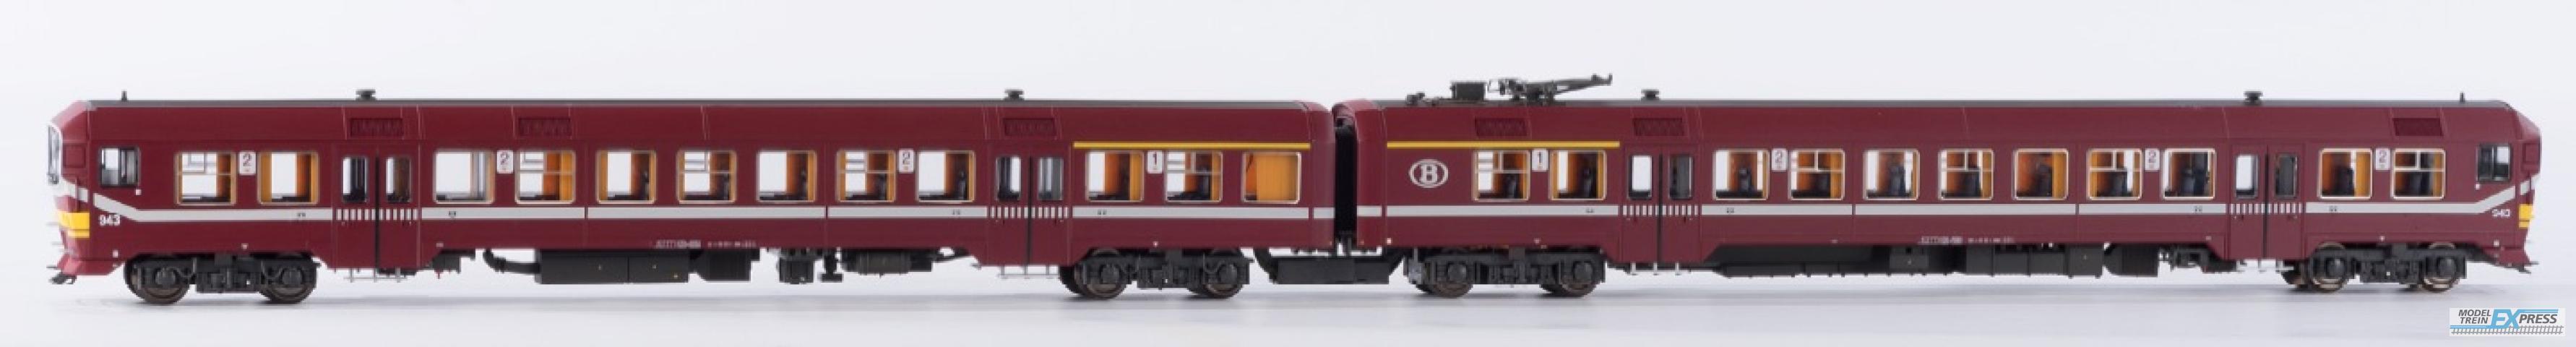 B-Models 4003.07